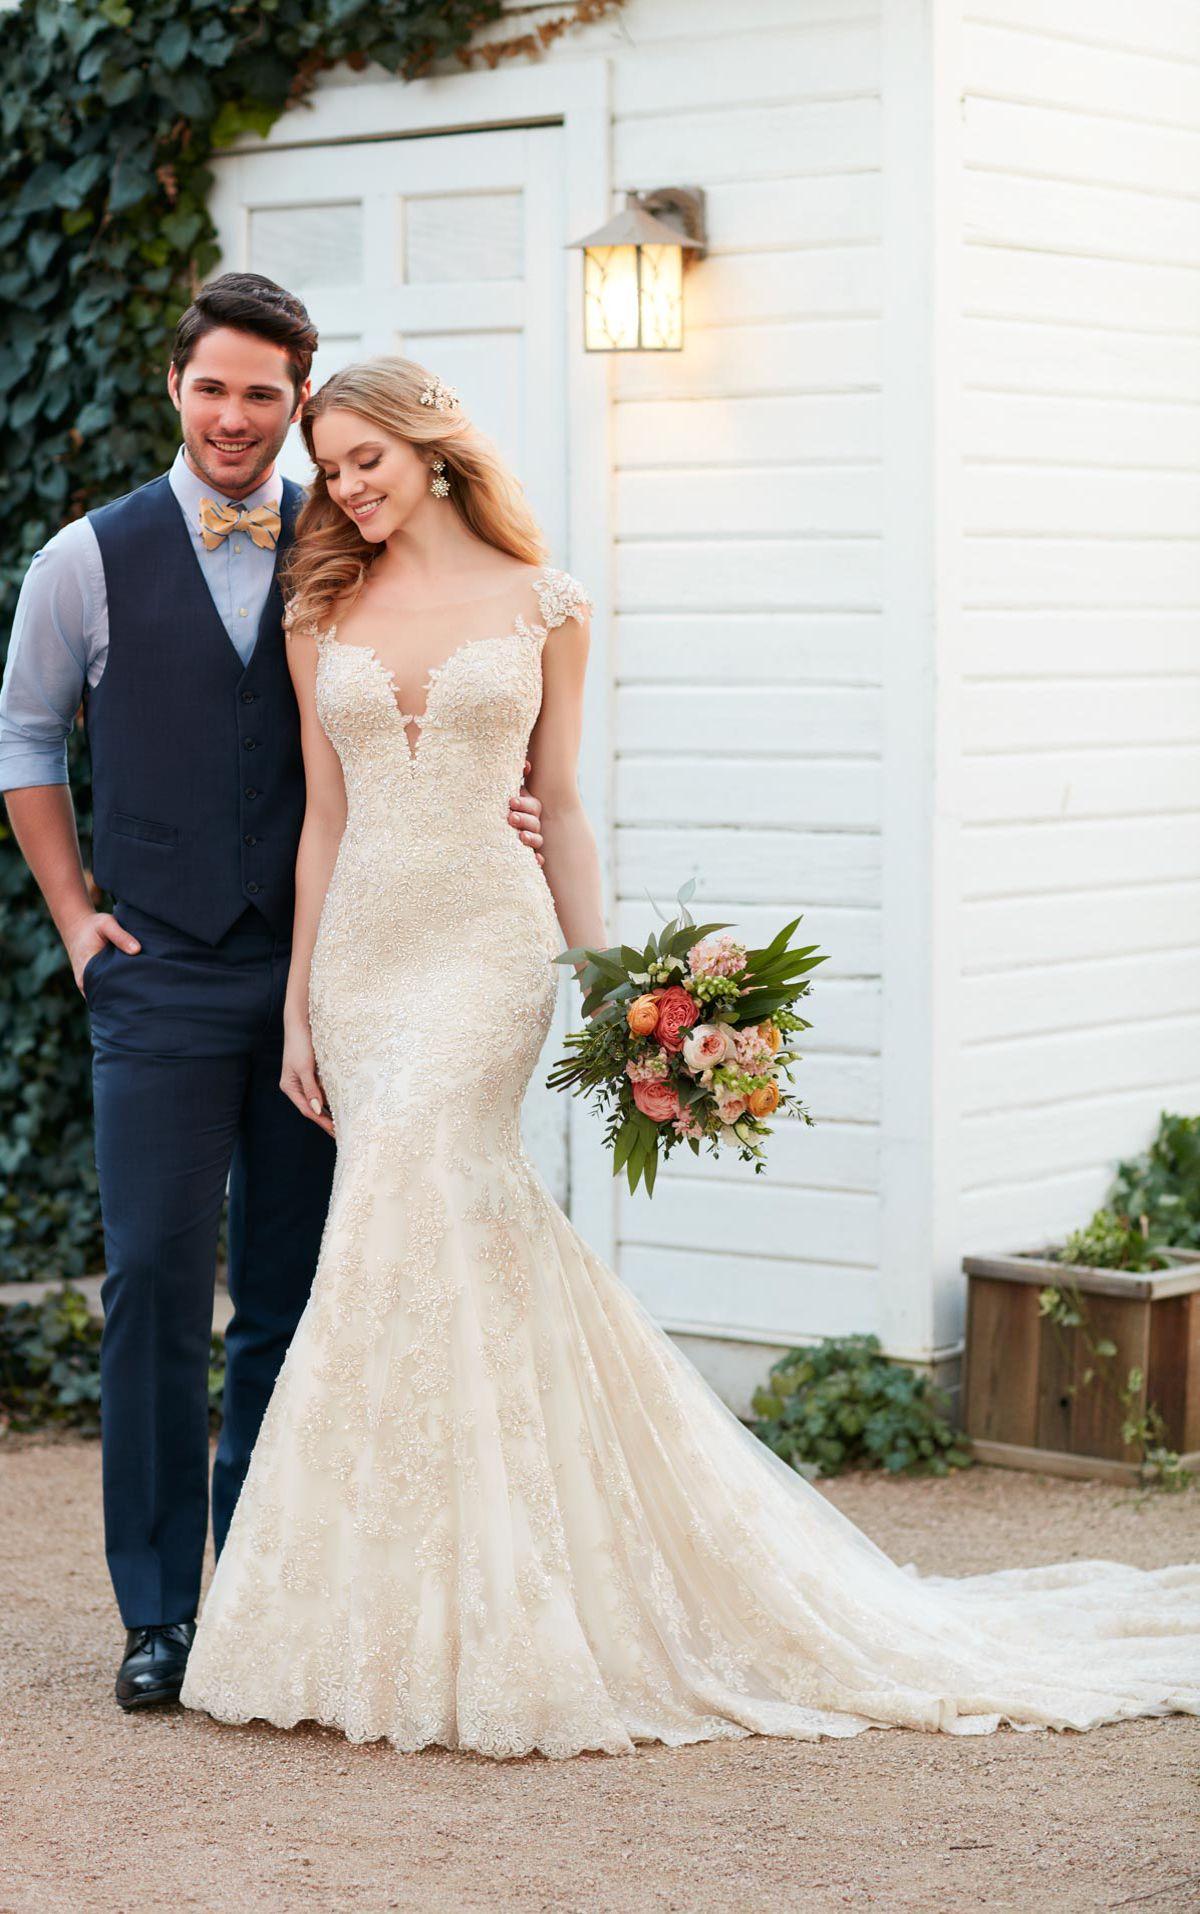 Beaded wedding dress with low-cut neckline – Martina Liana